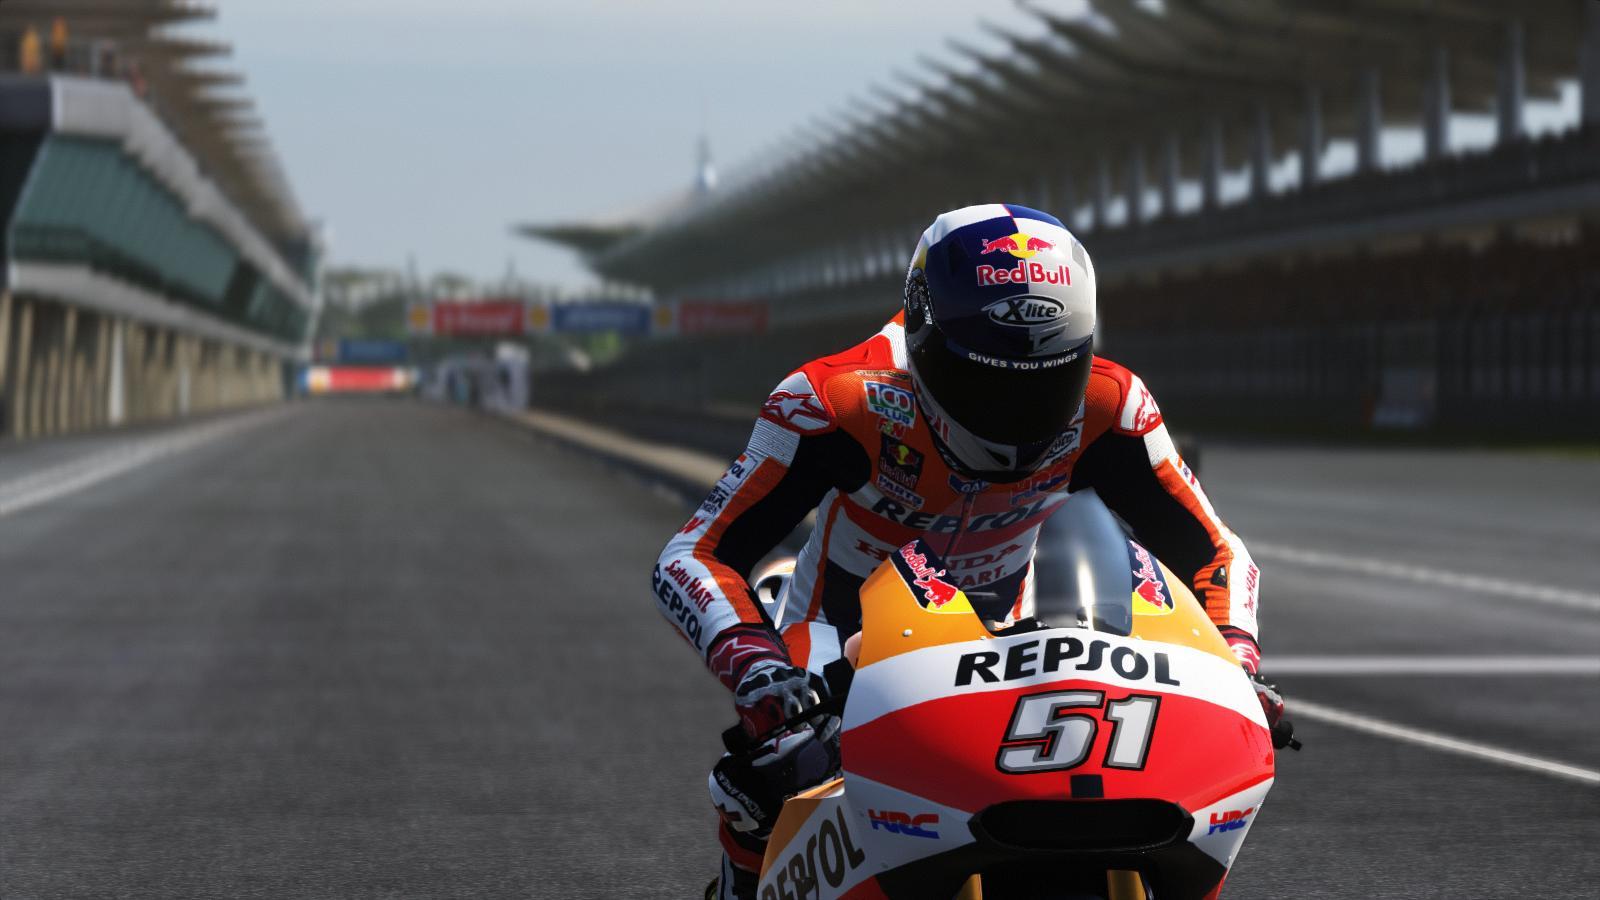 MotoGP15X64 2016-02-08 00-32-47-15.jpg